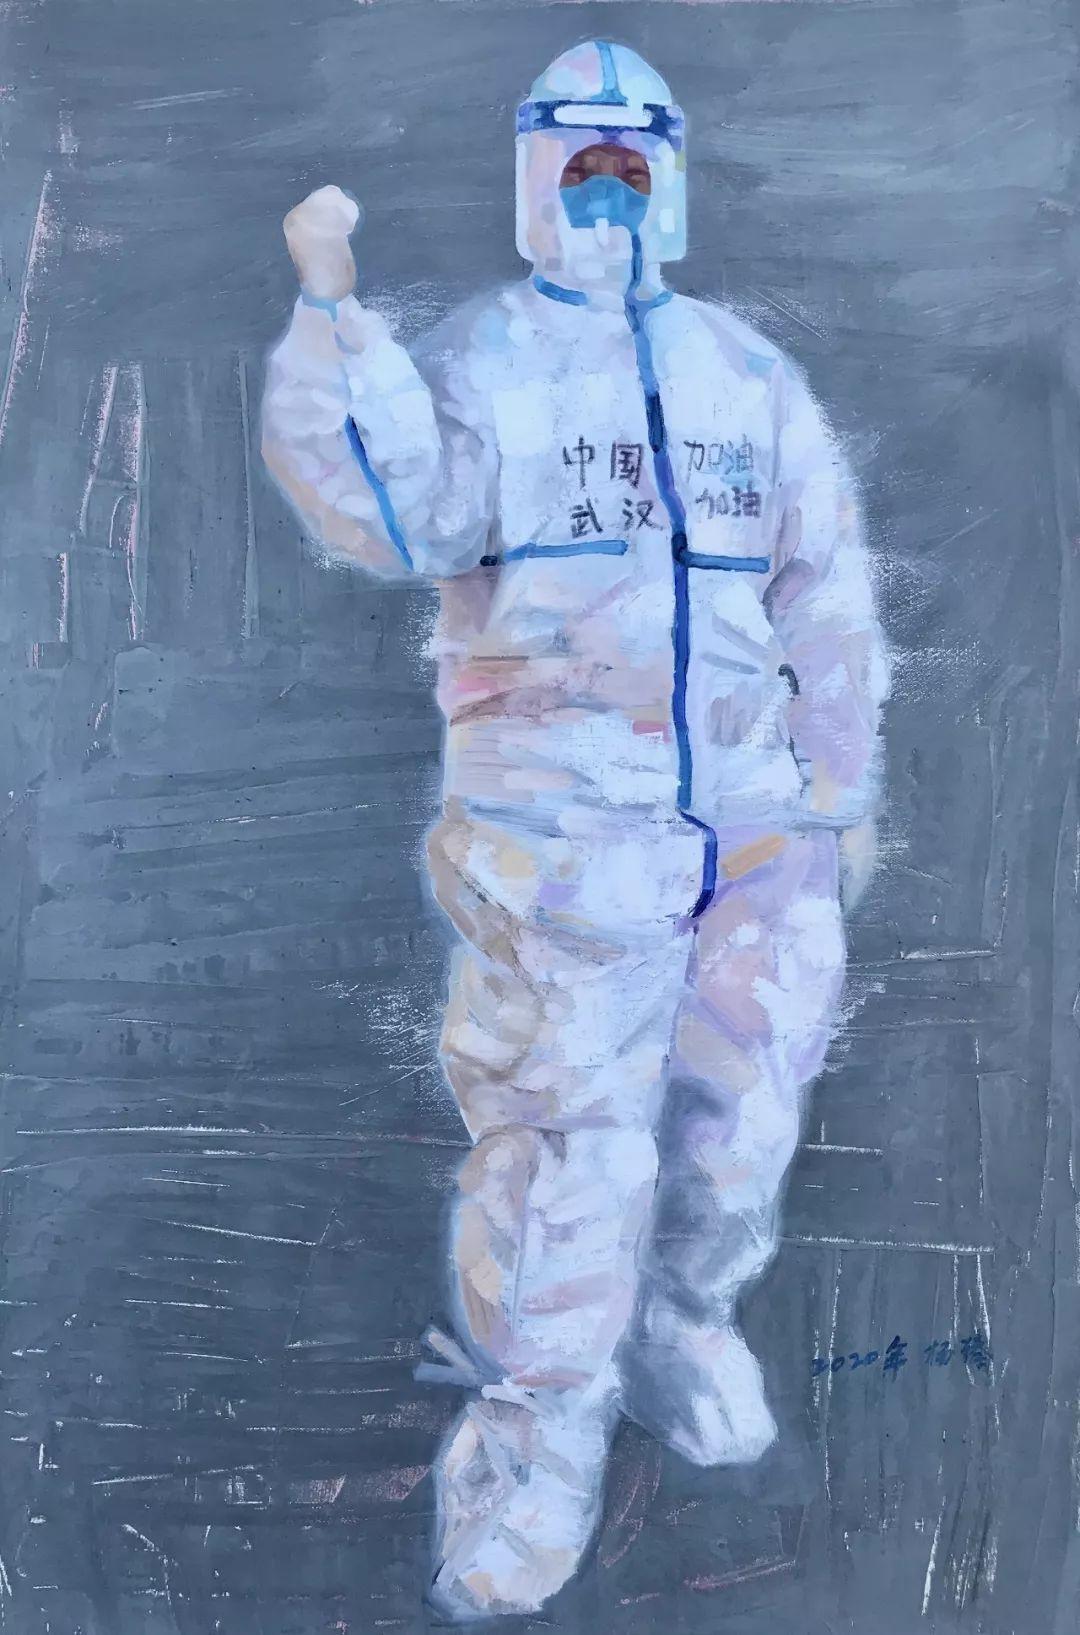 疫情当前,九大美院及千名画家用作品为武汉加油!看后暖哭了…插图18